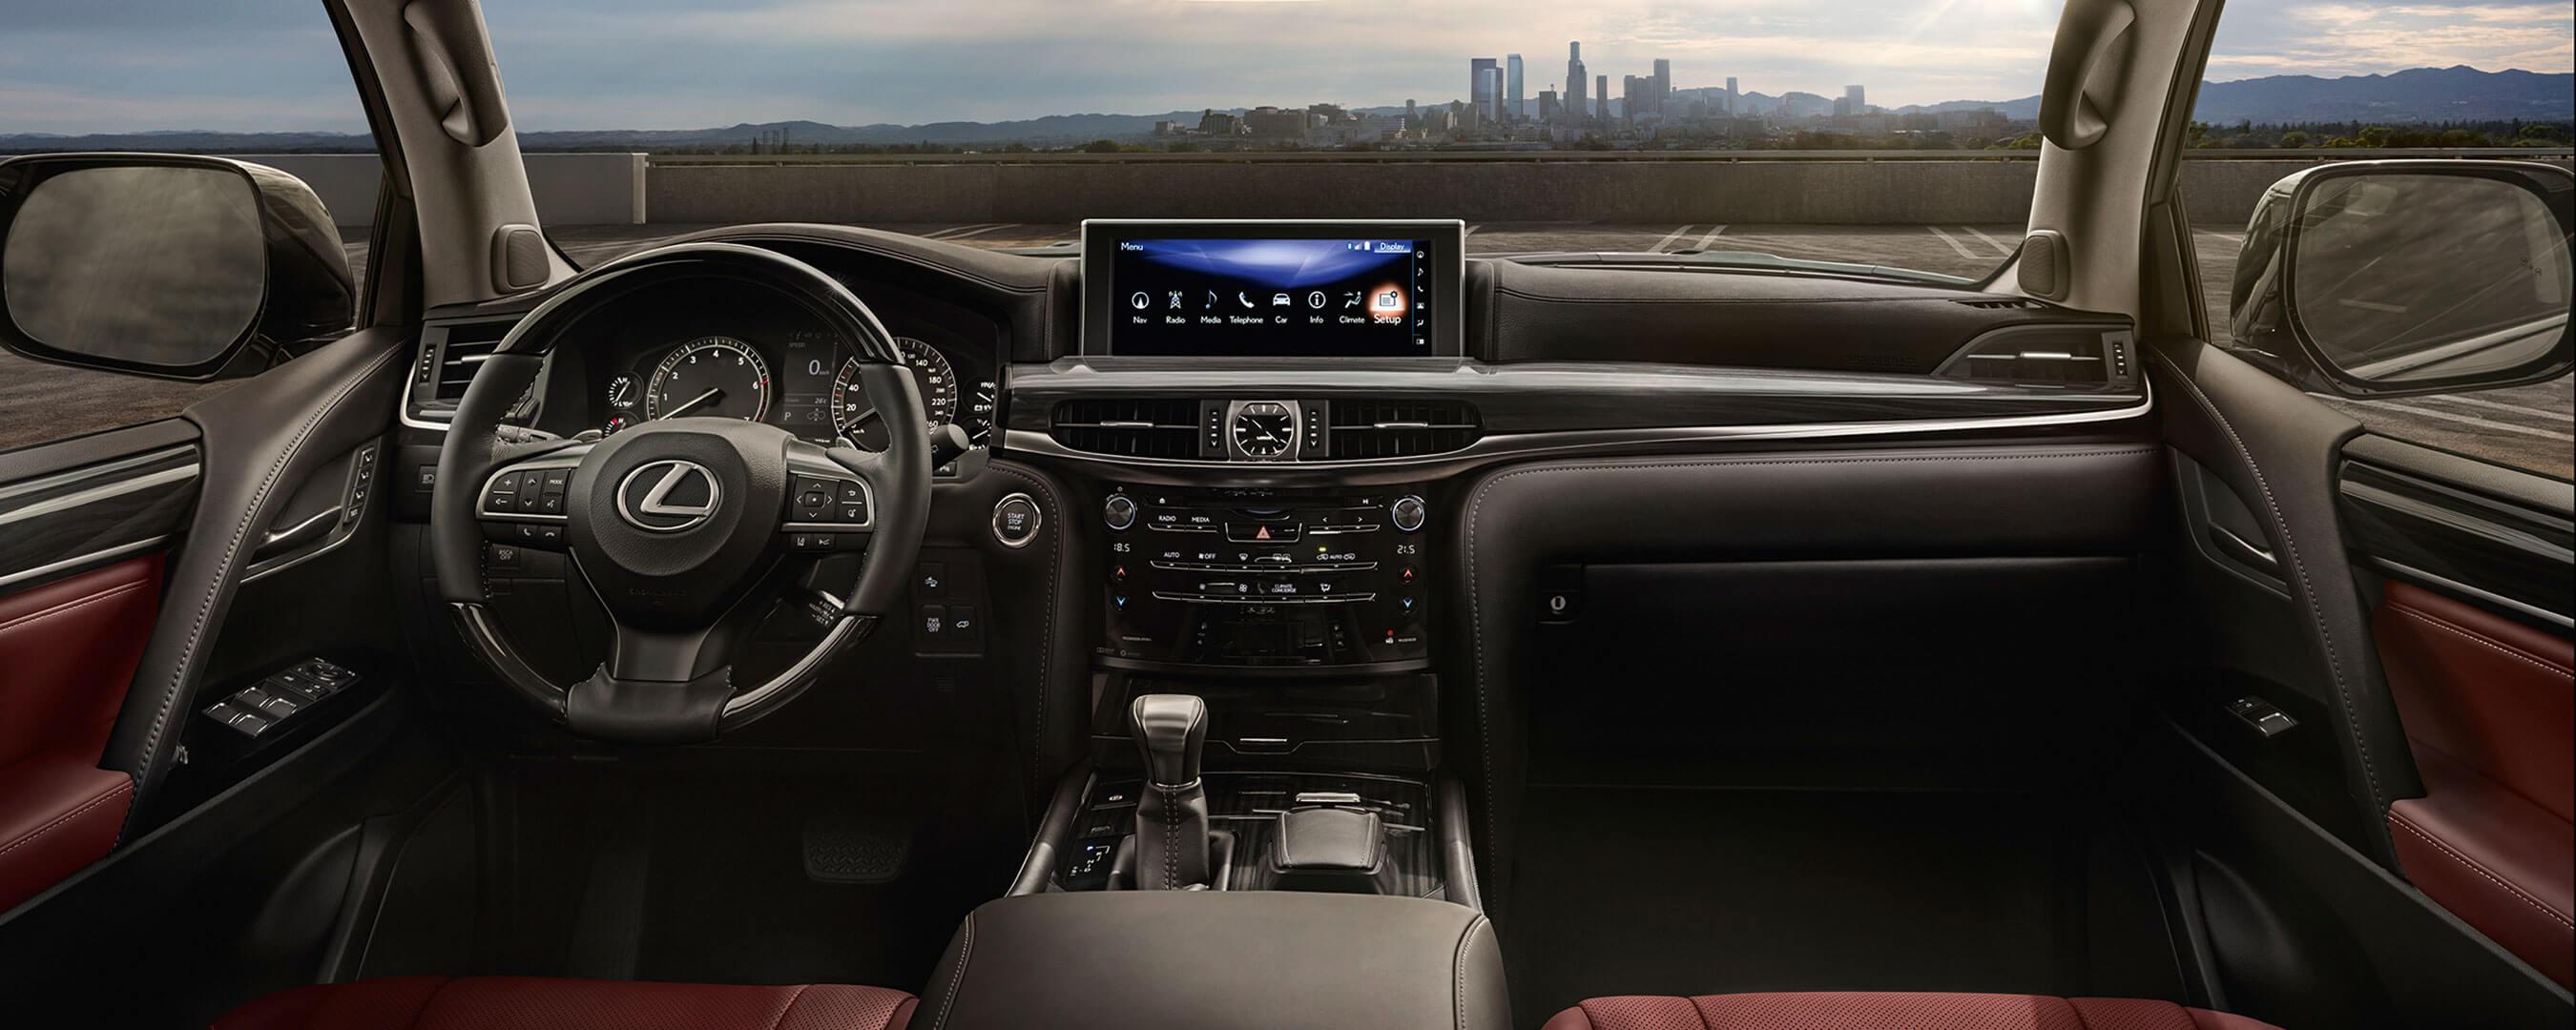 2017 lexus lx 570 experience hero interior front